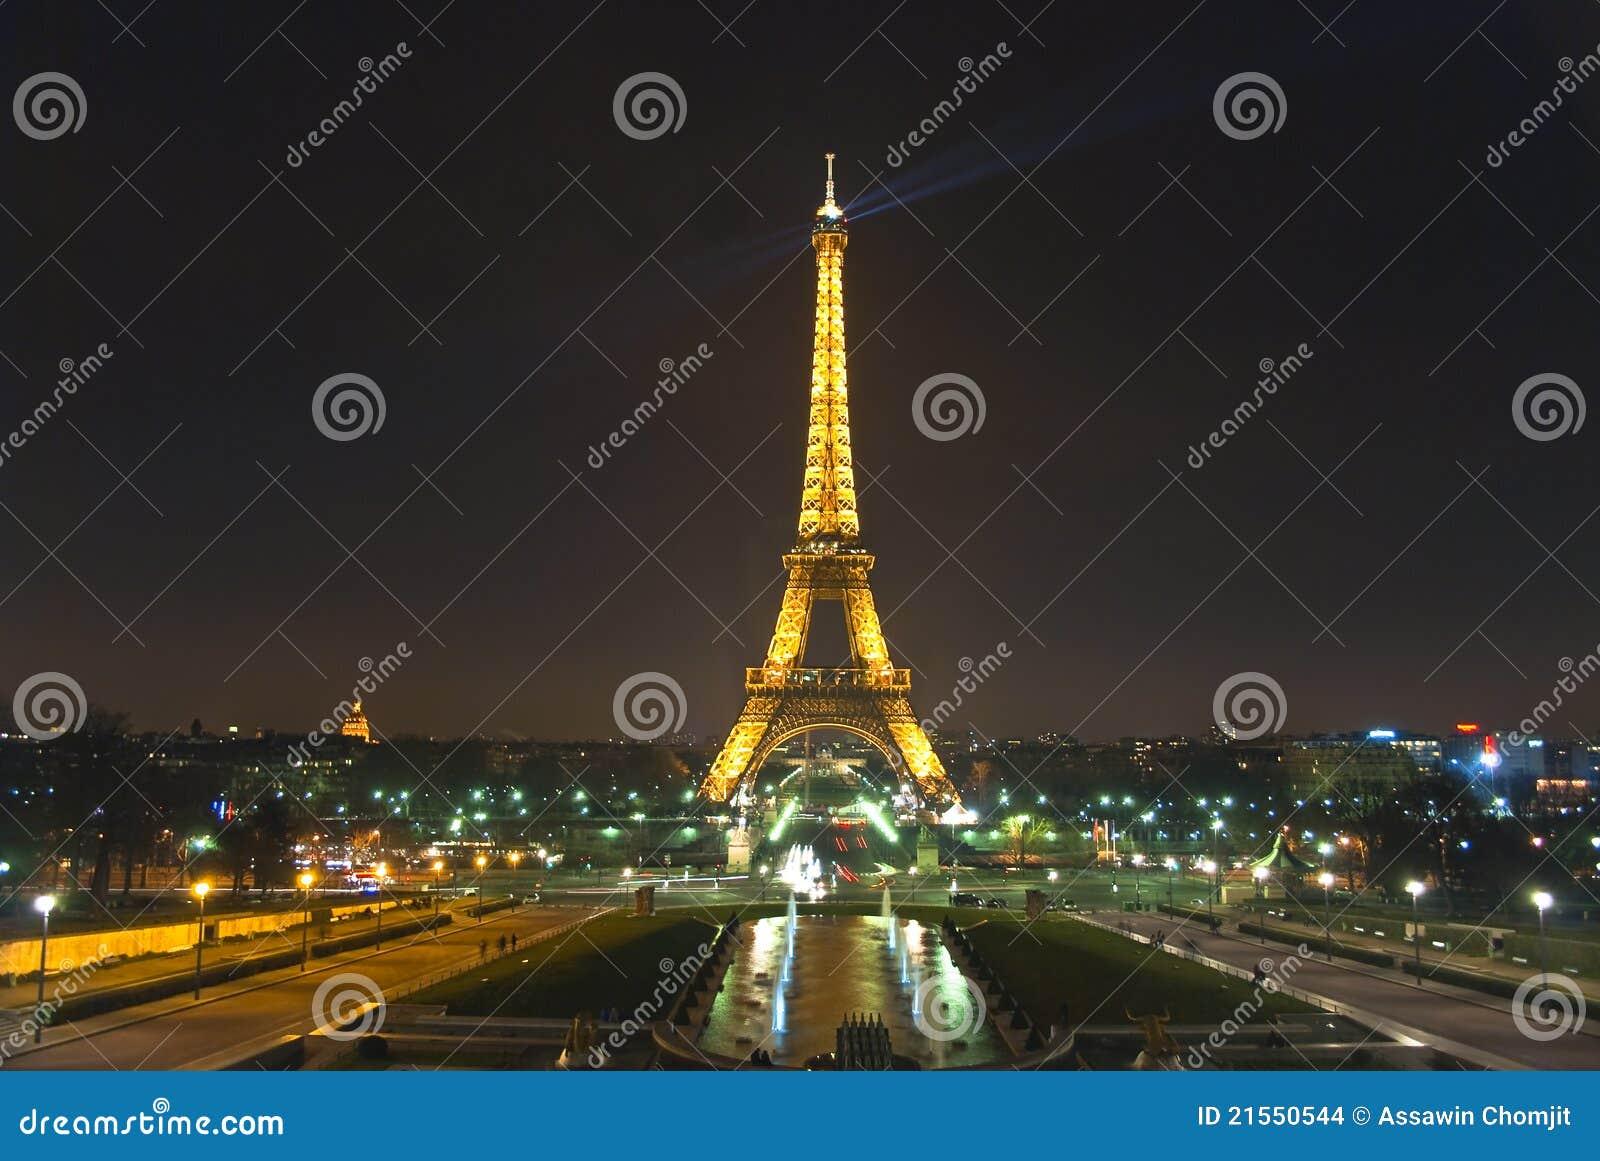 PARIS, FRANKREICH 20. März: Eiffelturm nachts.